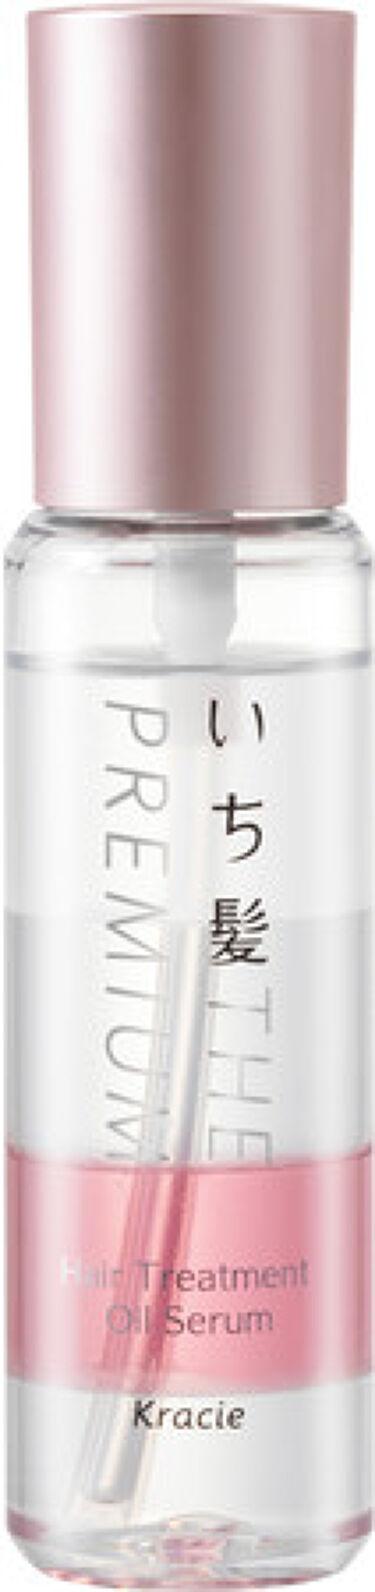 2021/7/9発売 いち髪 THE PREMIUM 4Xシャインシェイク美容液オイル